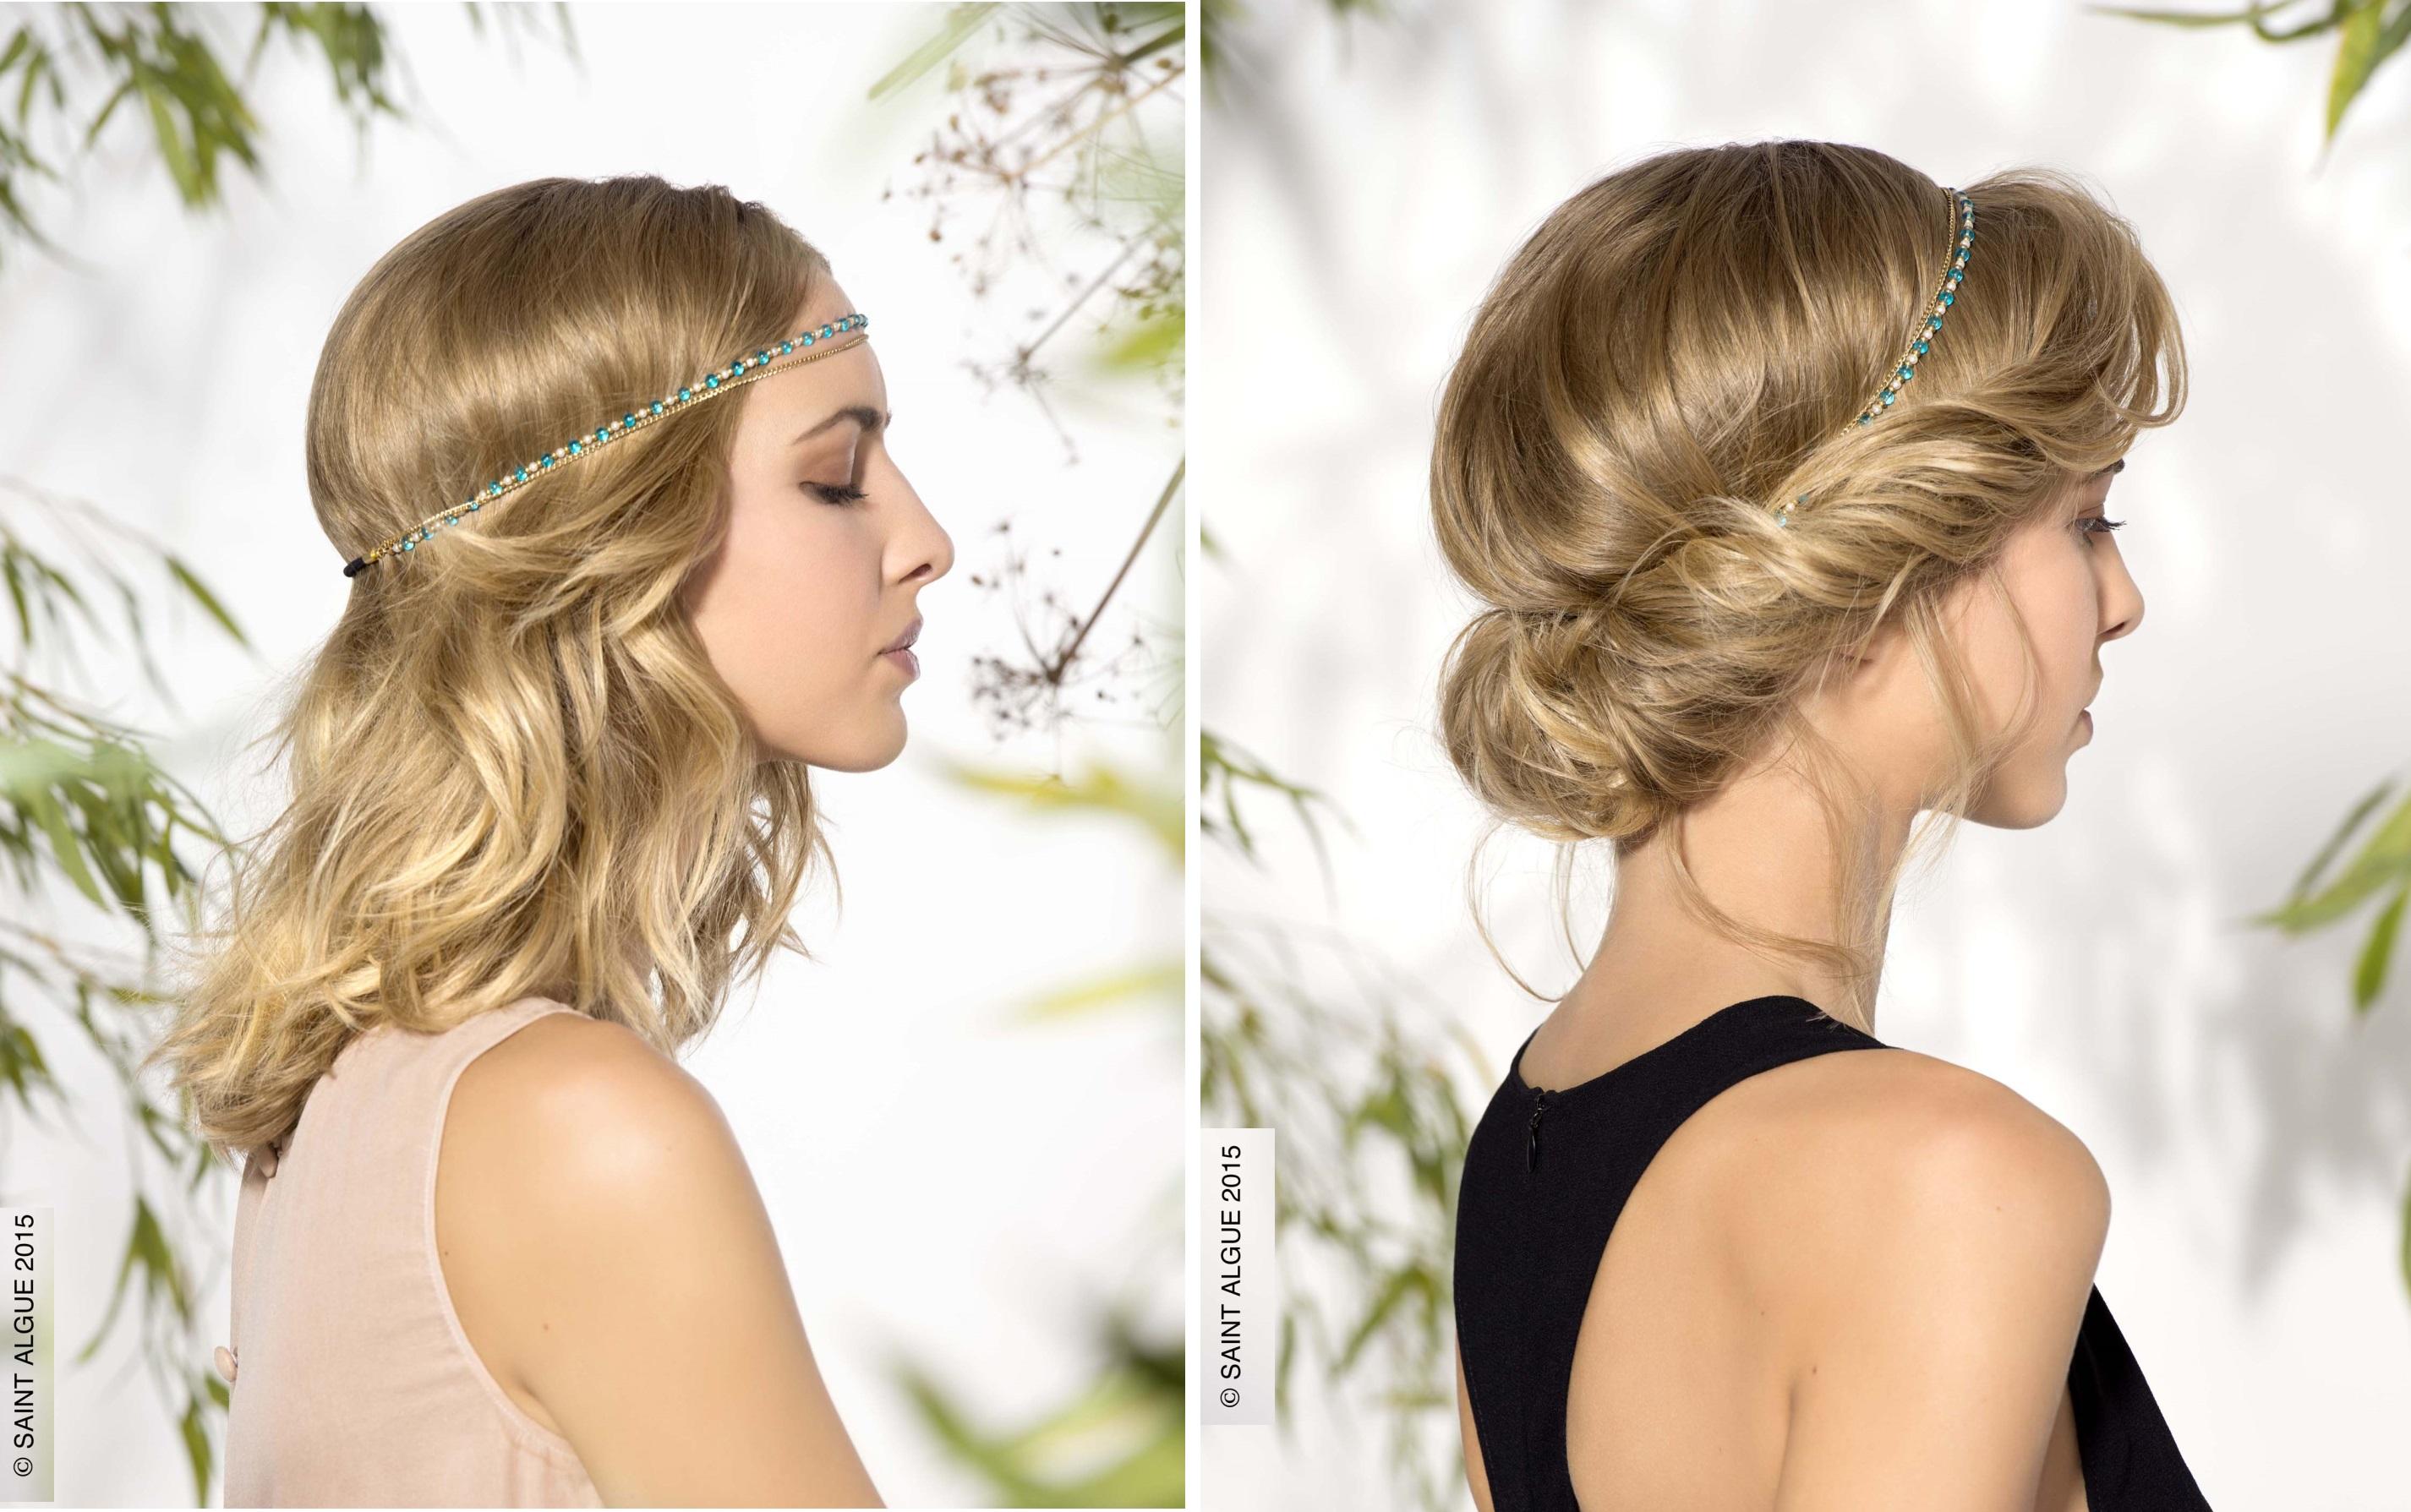 Inspirations coiffures pour les f tes trucs de nana - Coiffure pour les fetes ...